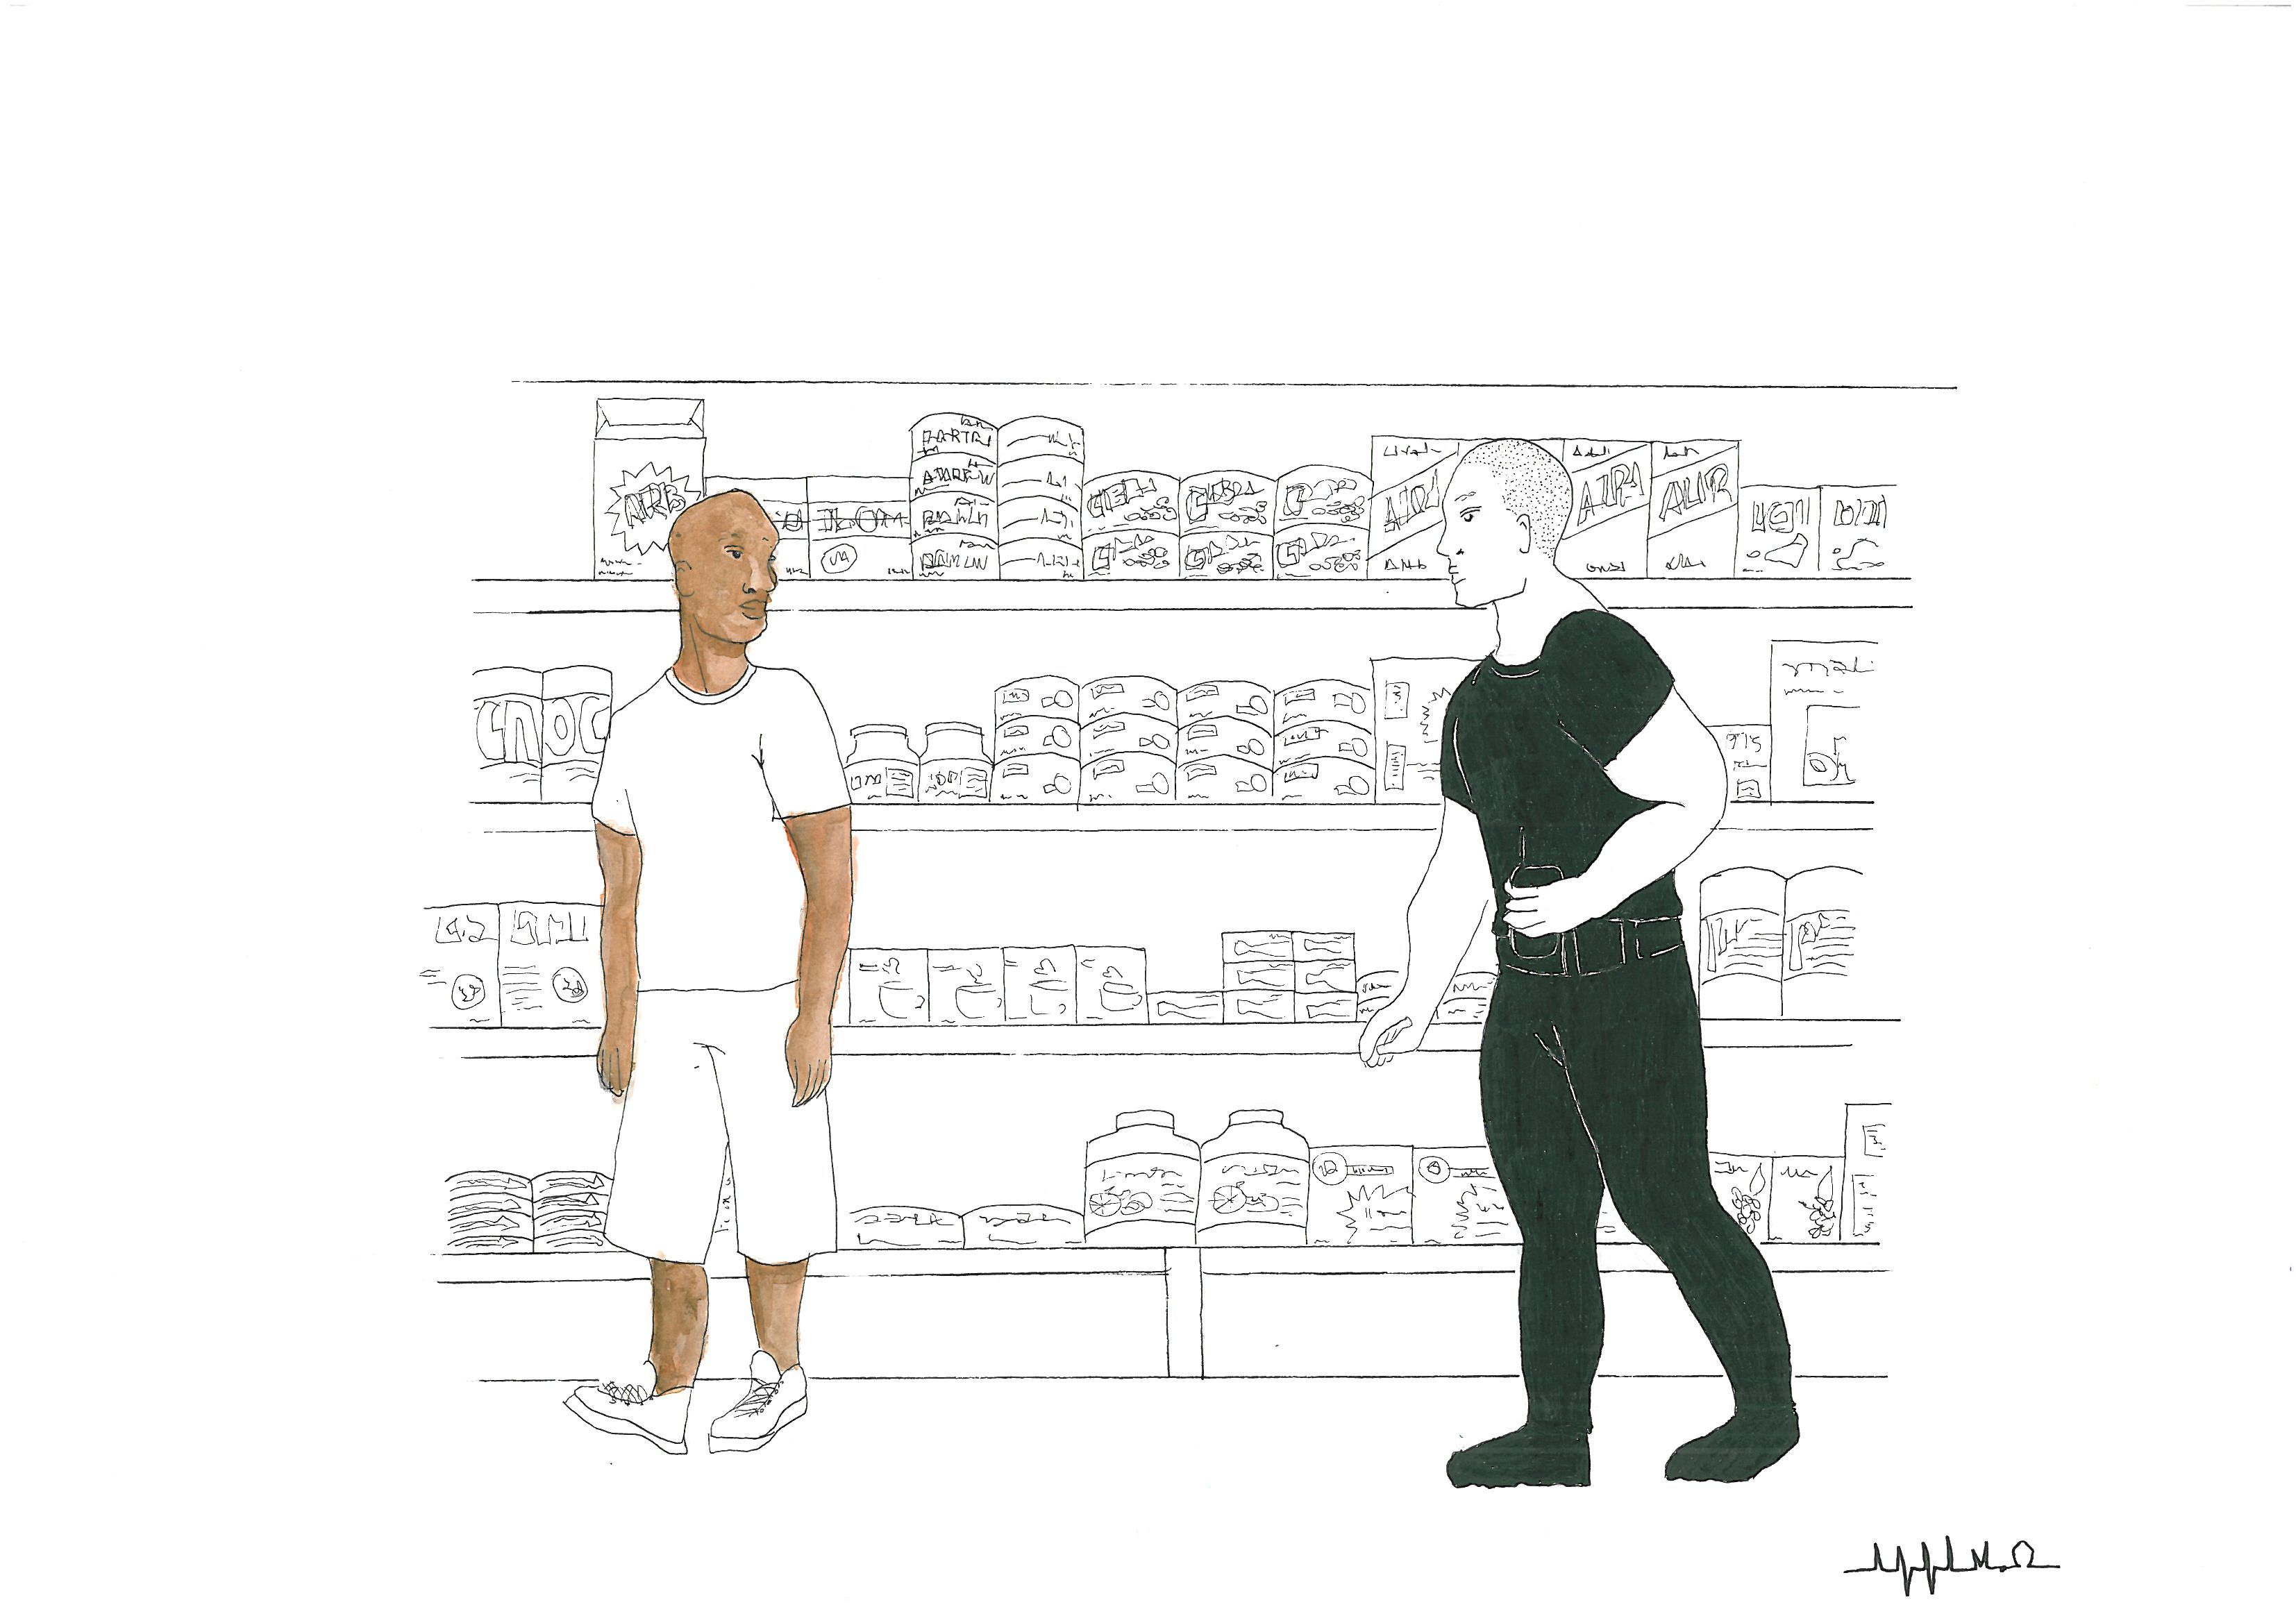 Série O que não é branco ● ANNA M.O #drawing #draw #desenhando #desenho #illustration #nanquim #artwork #art #aquarela #watercolor #racism #racismo